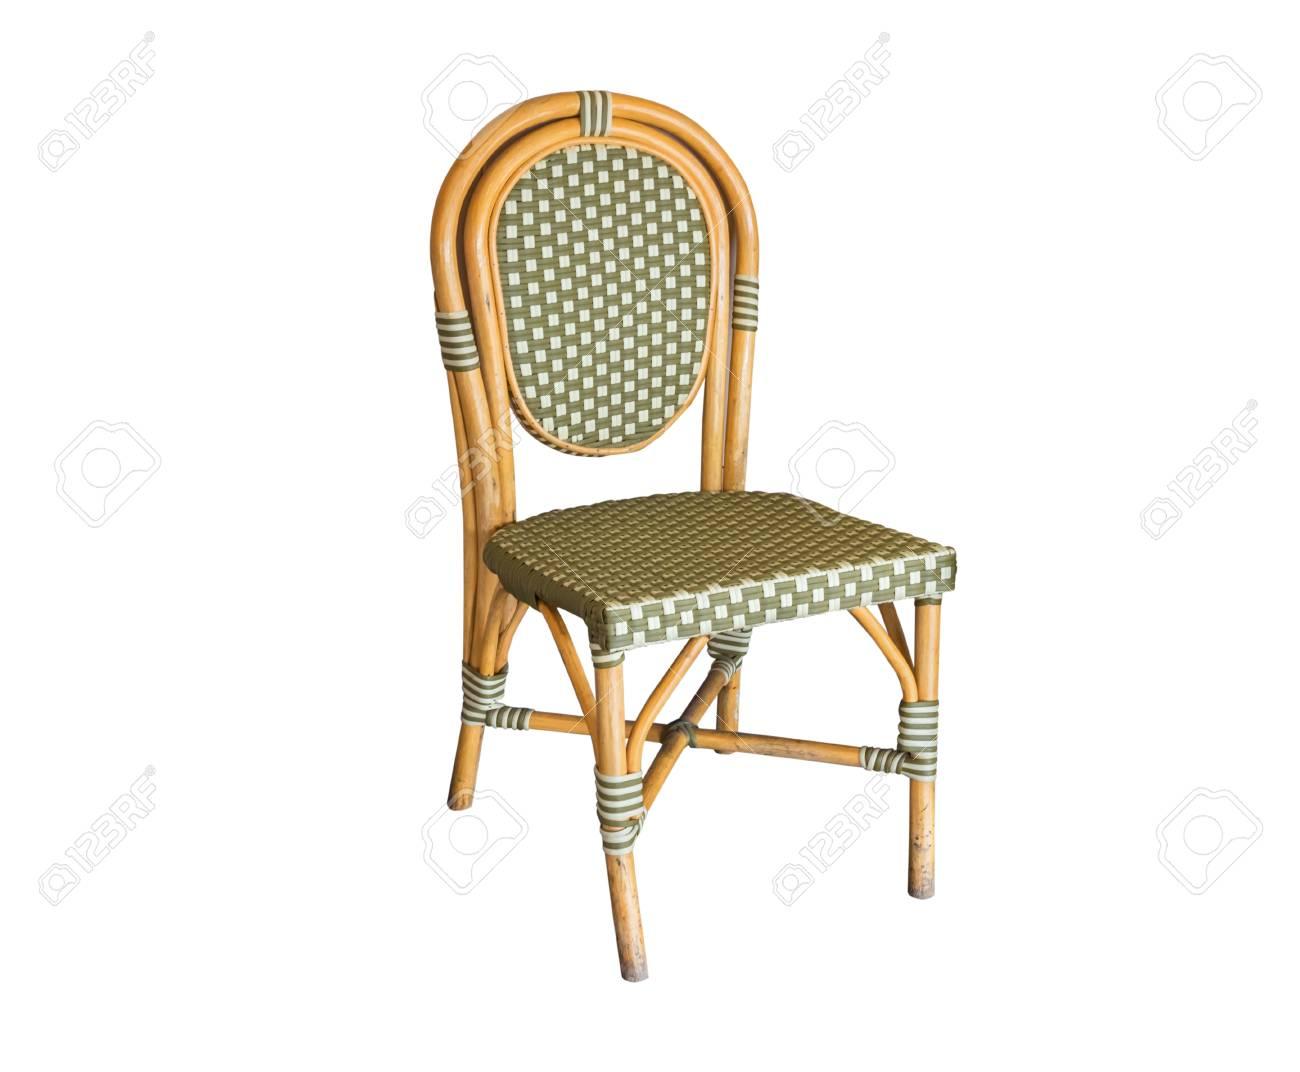 Witte Rieten Stoel : Kleurrijke rieten stoel geïsoleerd op een witte achtergrond met